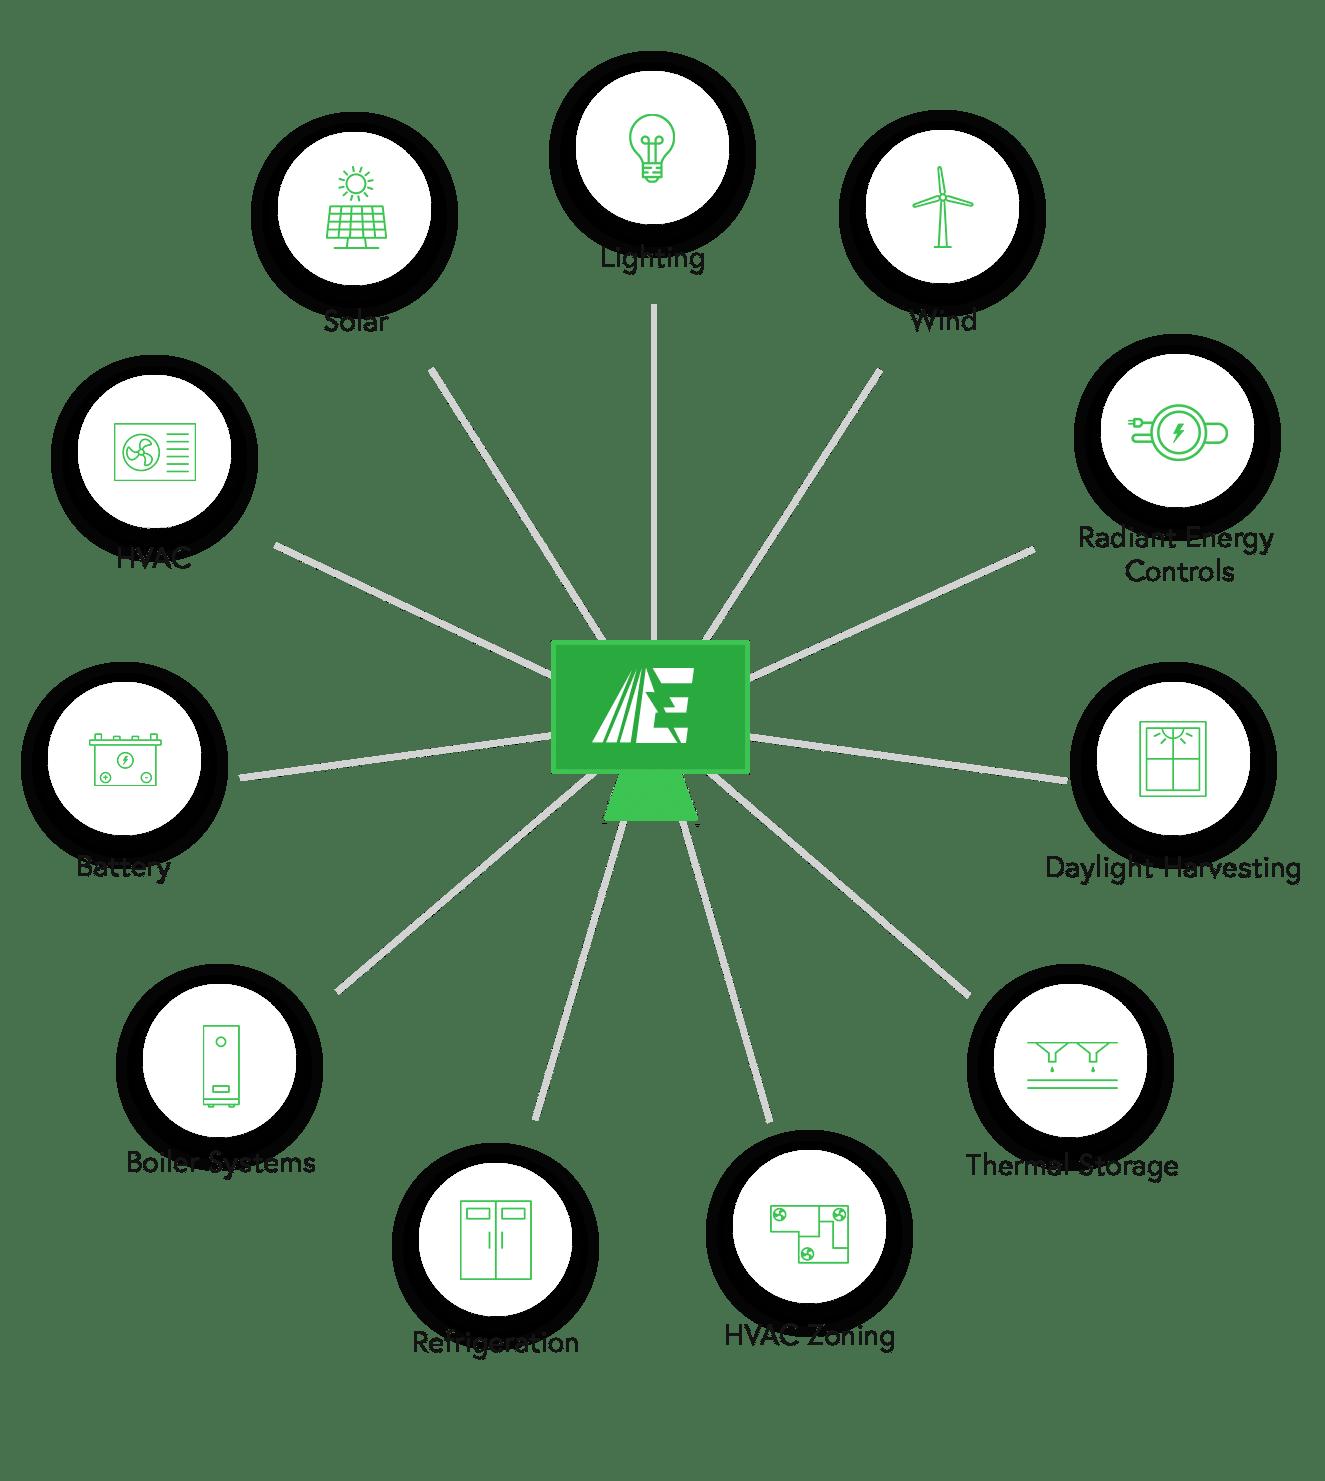 Energy management building automation